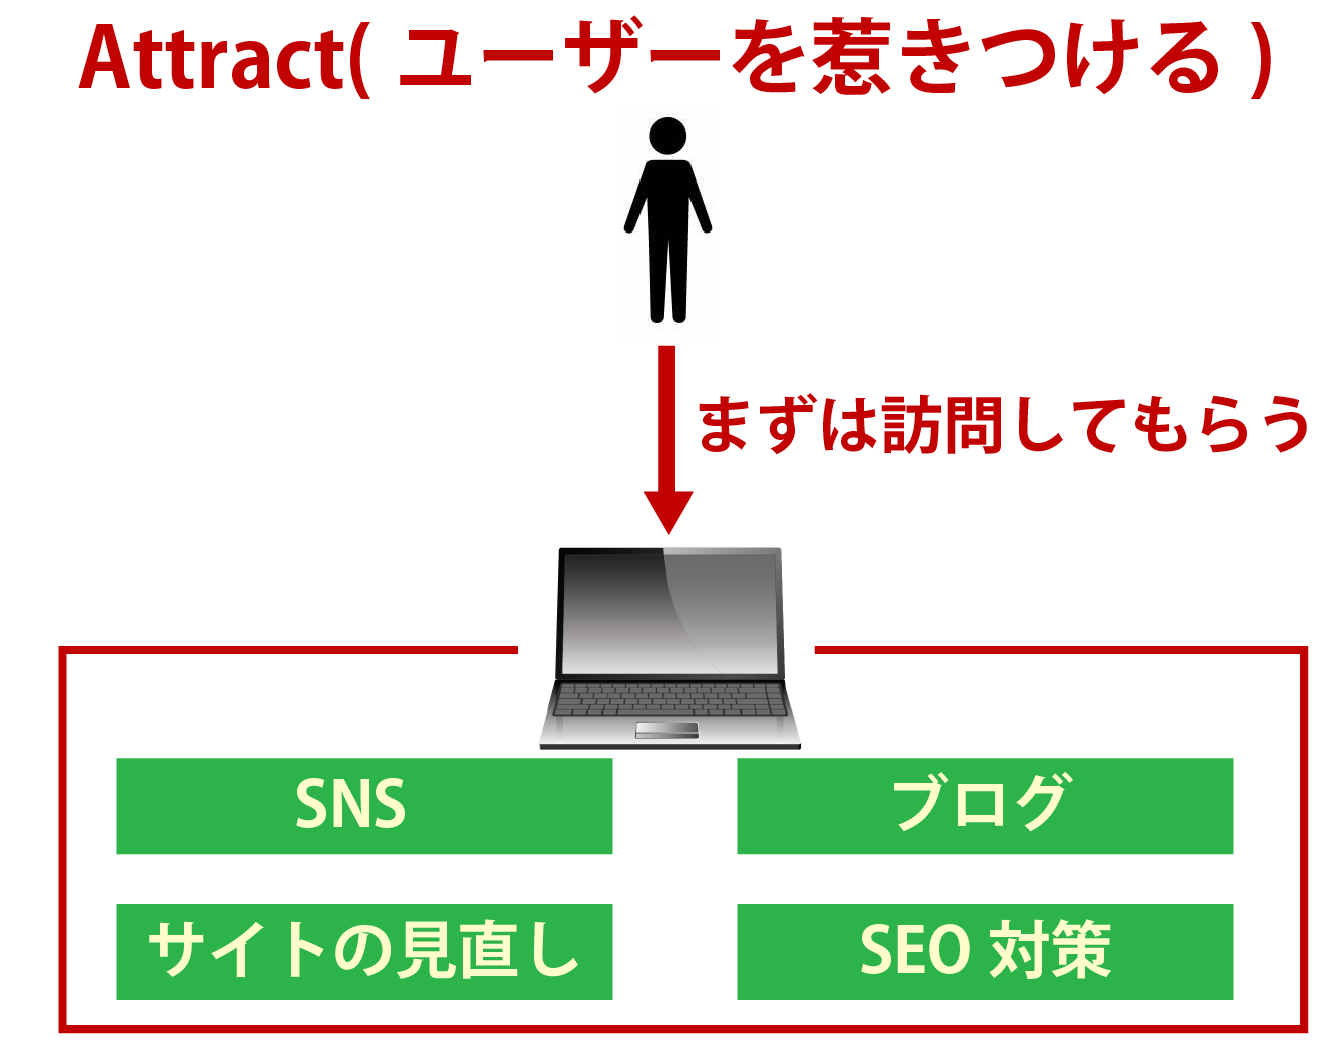 インバウンドマーケティングの手法ステップ1解説画像